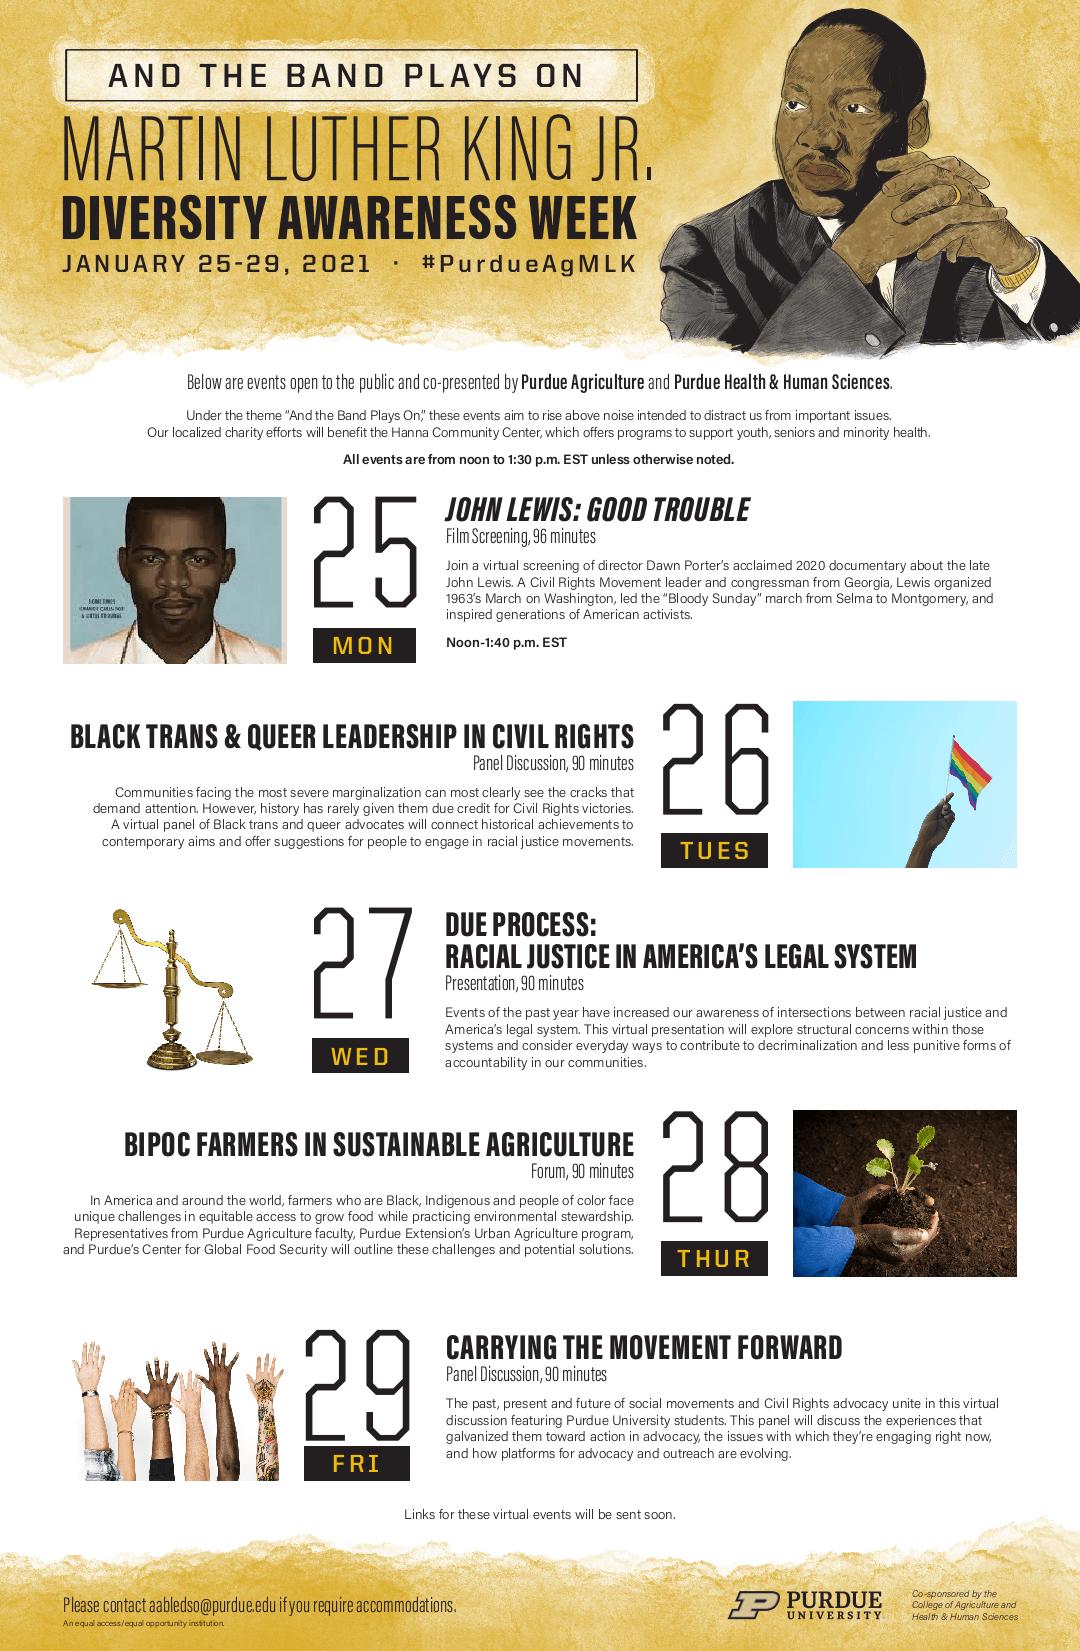 MLK Jr. Week schedule